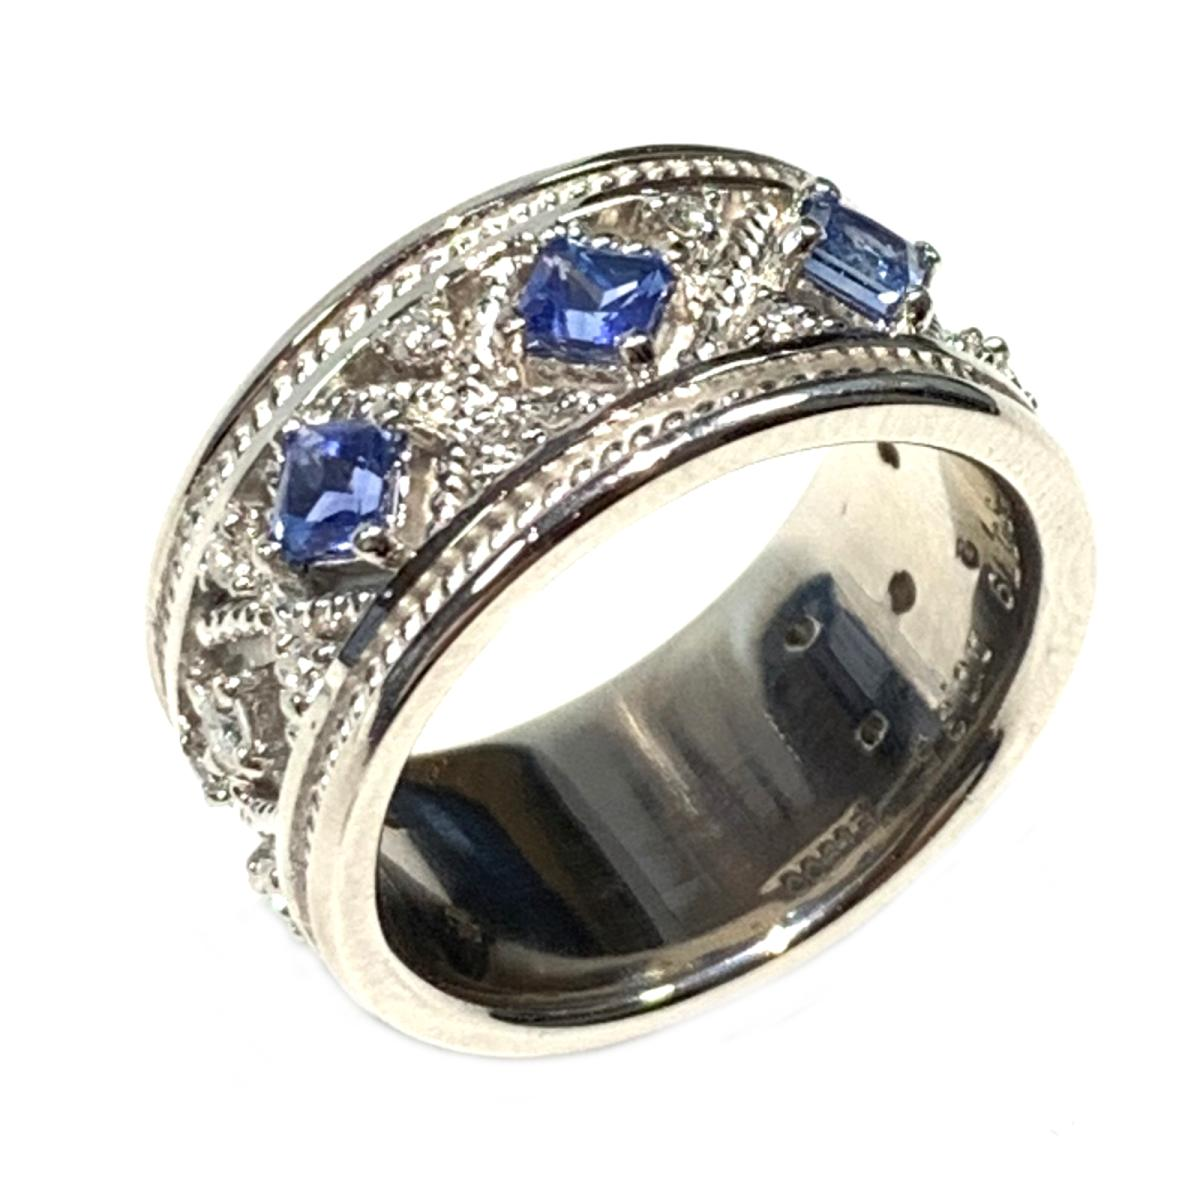 【中古】 ジュエリー サファイア ダイヤモンド リング 指輪 レディース PT900 プラチナ x 0.79ct 0.35ct シルバー ブルー | JEWELRY BRANDOFF ブランドオフ ブランド アクセサリー